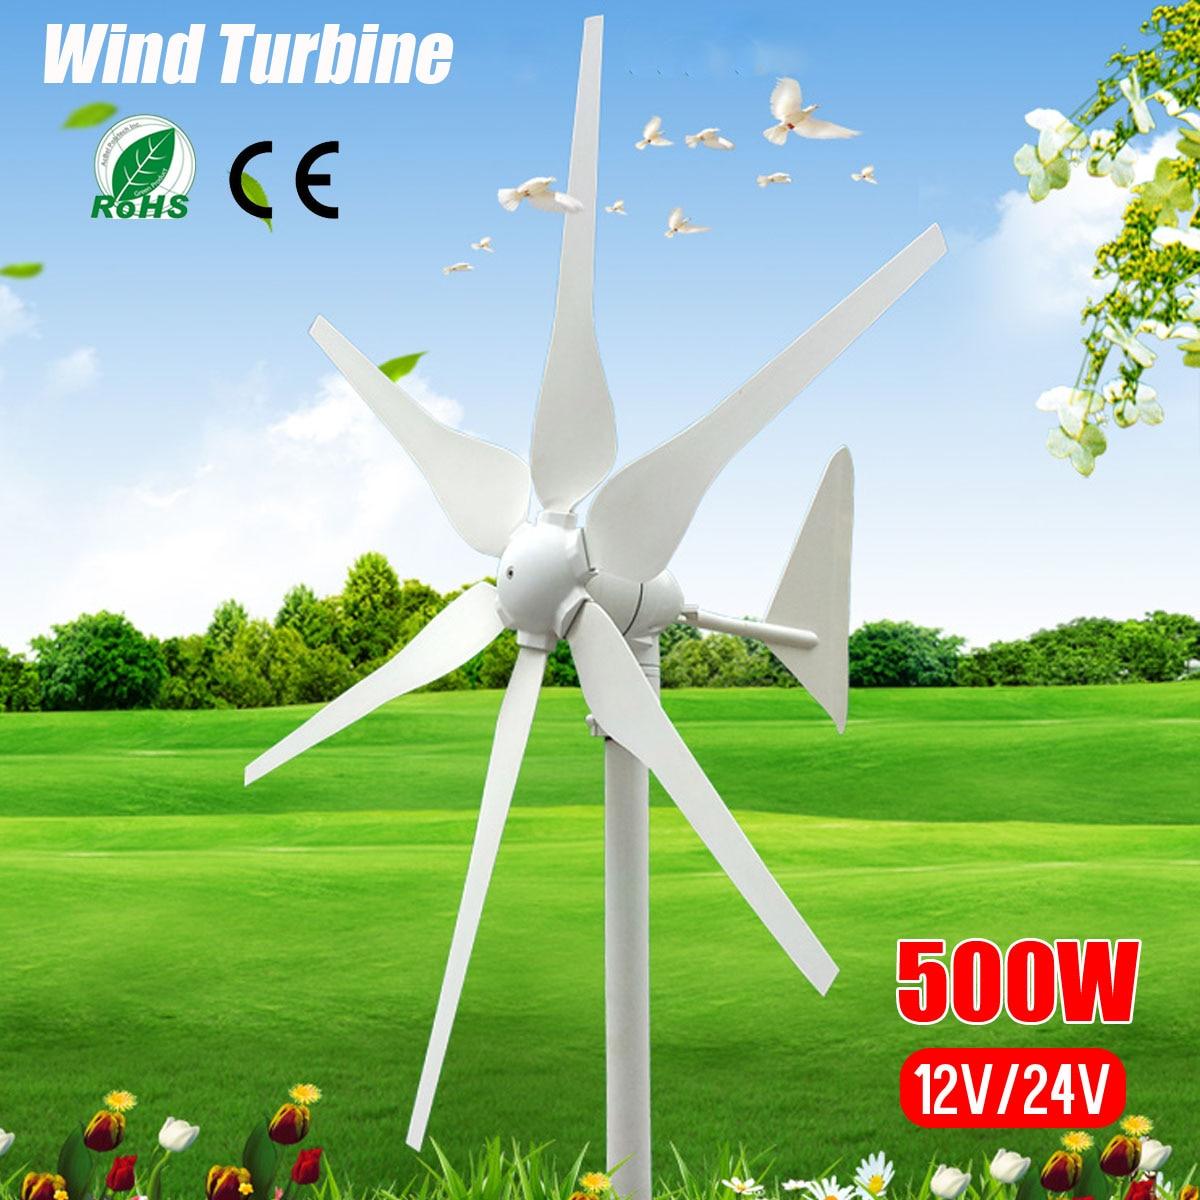 2018 DC 12 V/24 V 500 W 6 palas en miniatura de las turbinas de viento casa residencial generador de las turbinas de viento con construido en el controlador para la casa